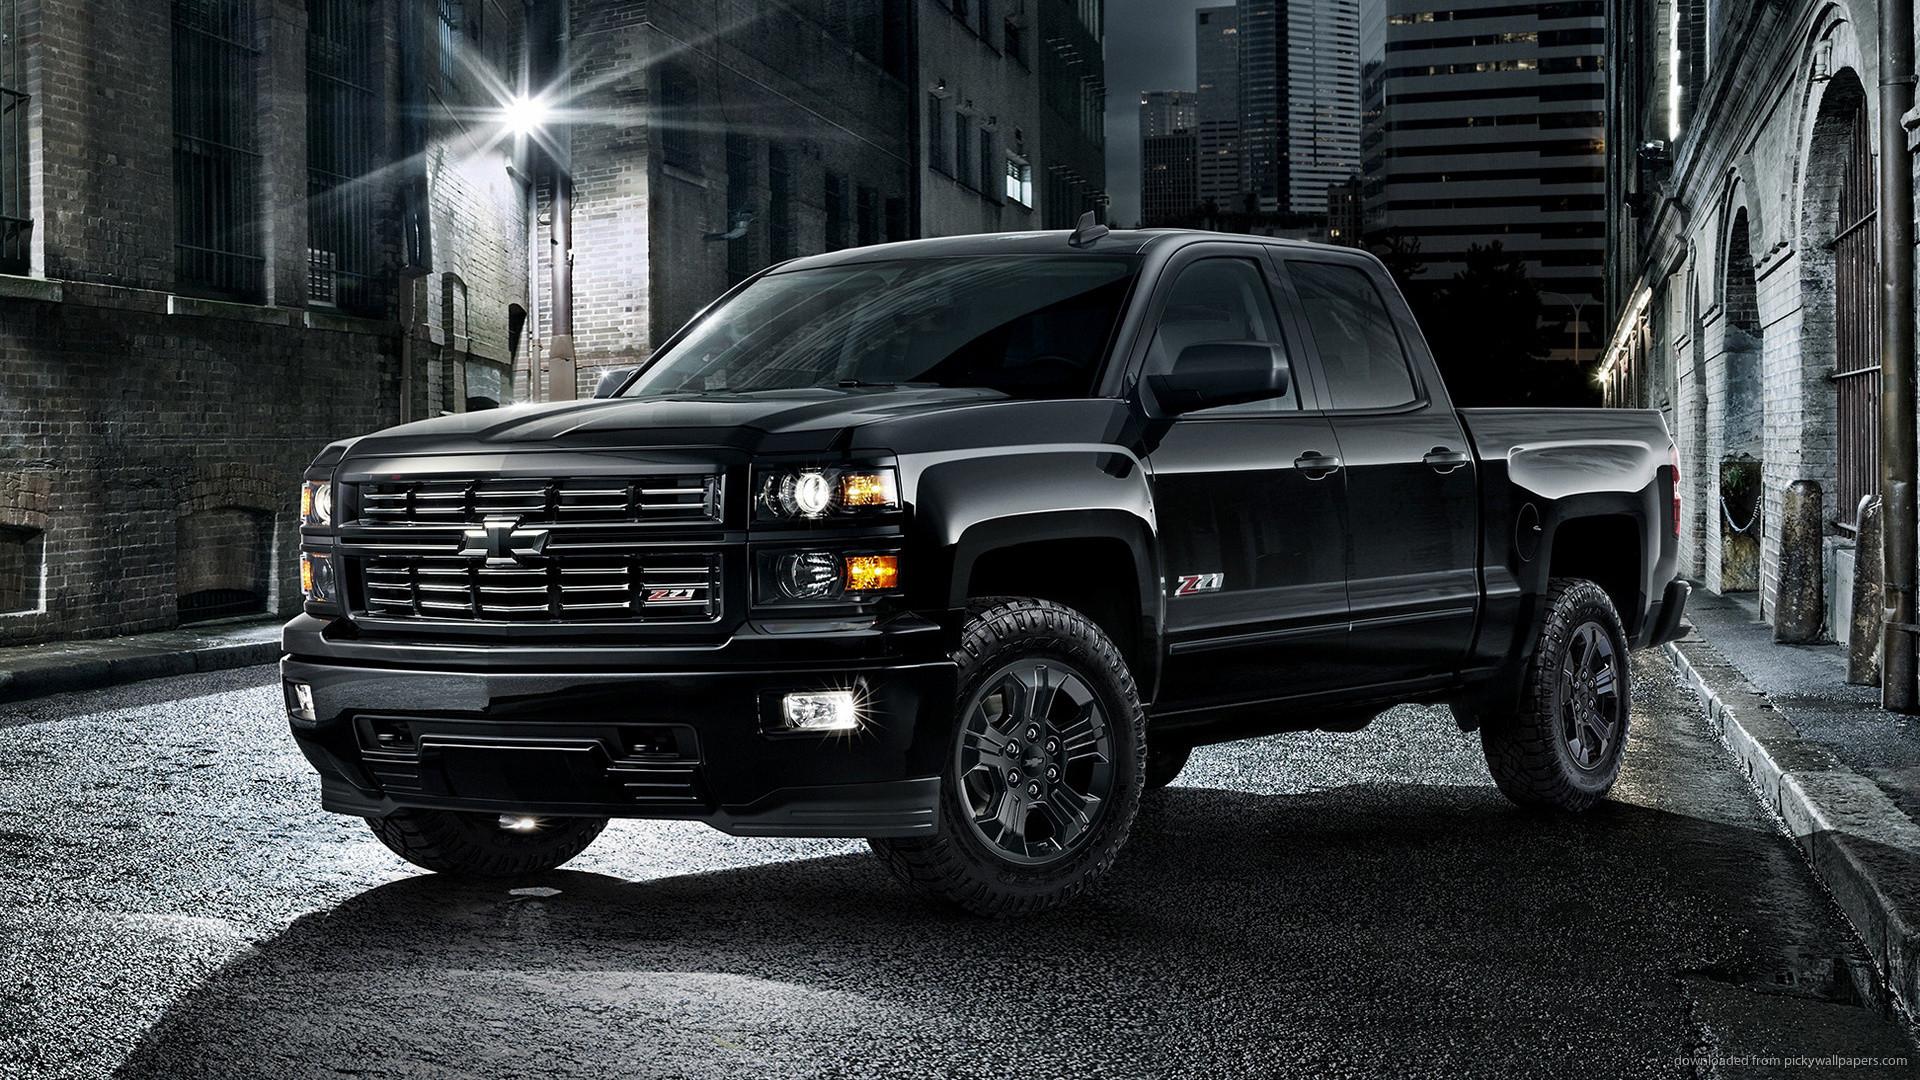 2015 Black Chevrolet Silverado Wallpaper picture